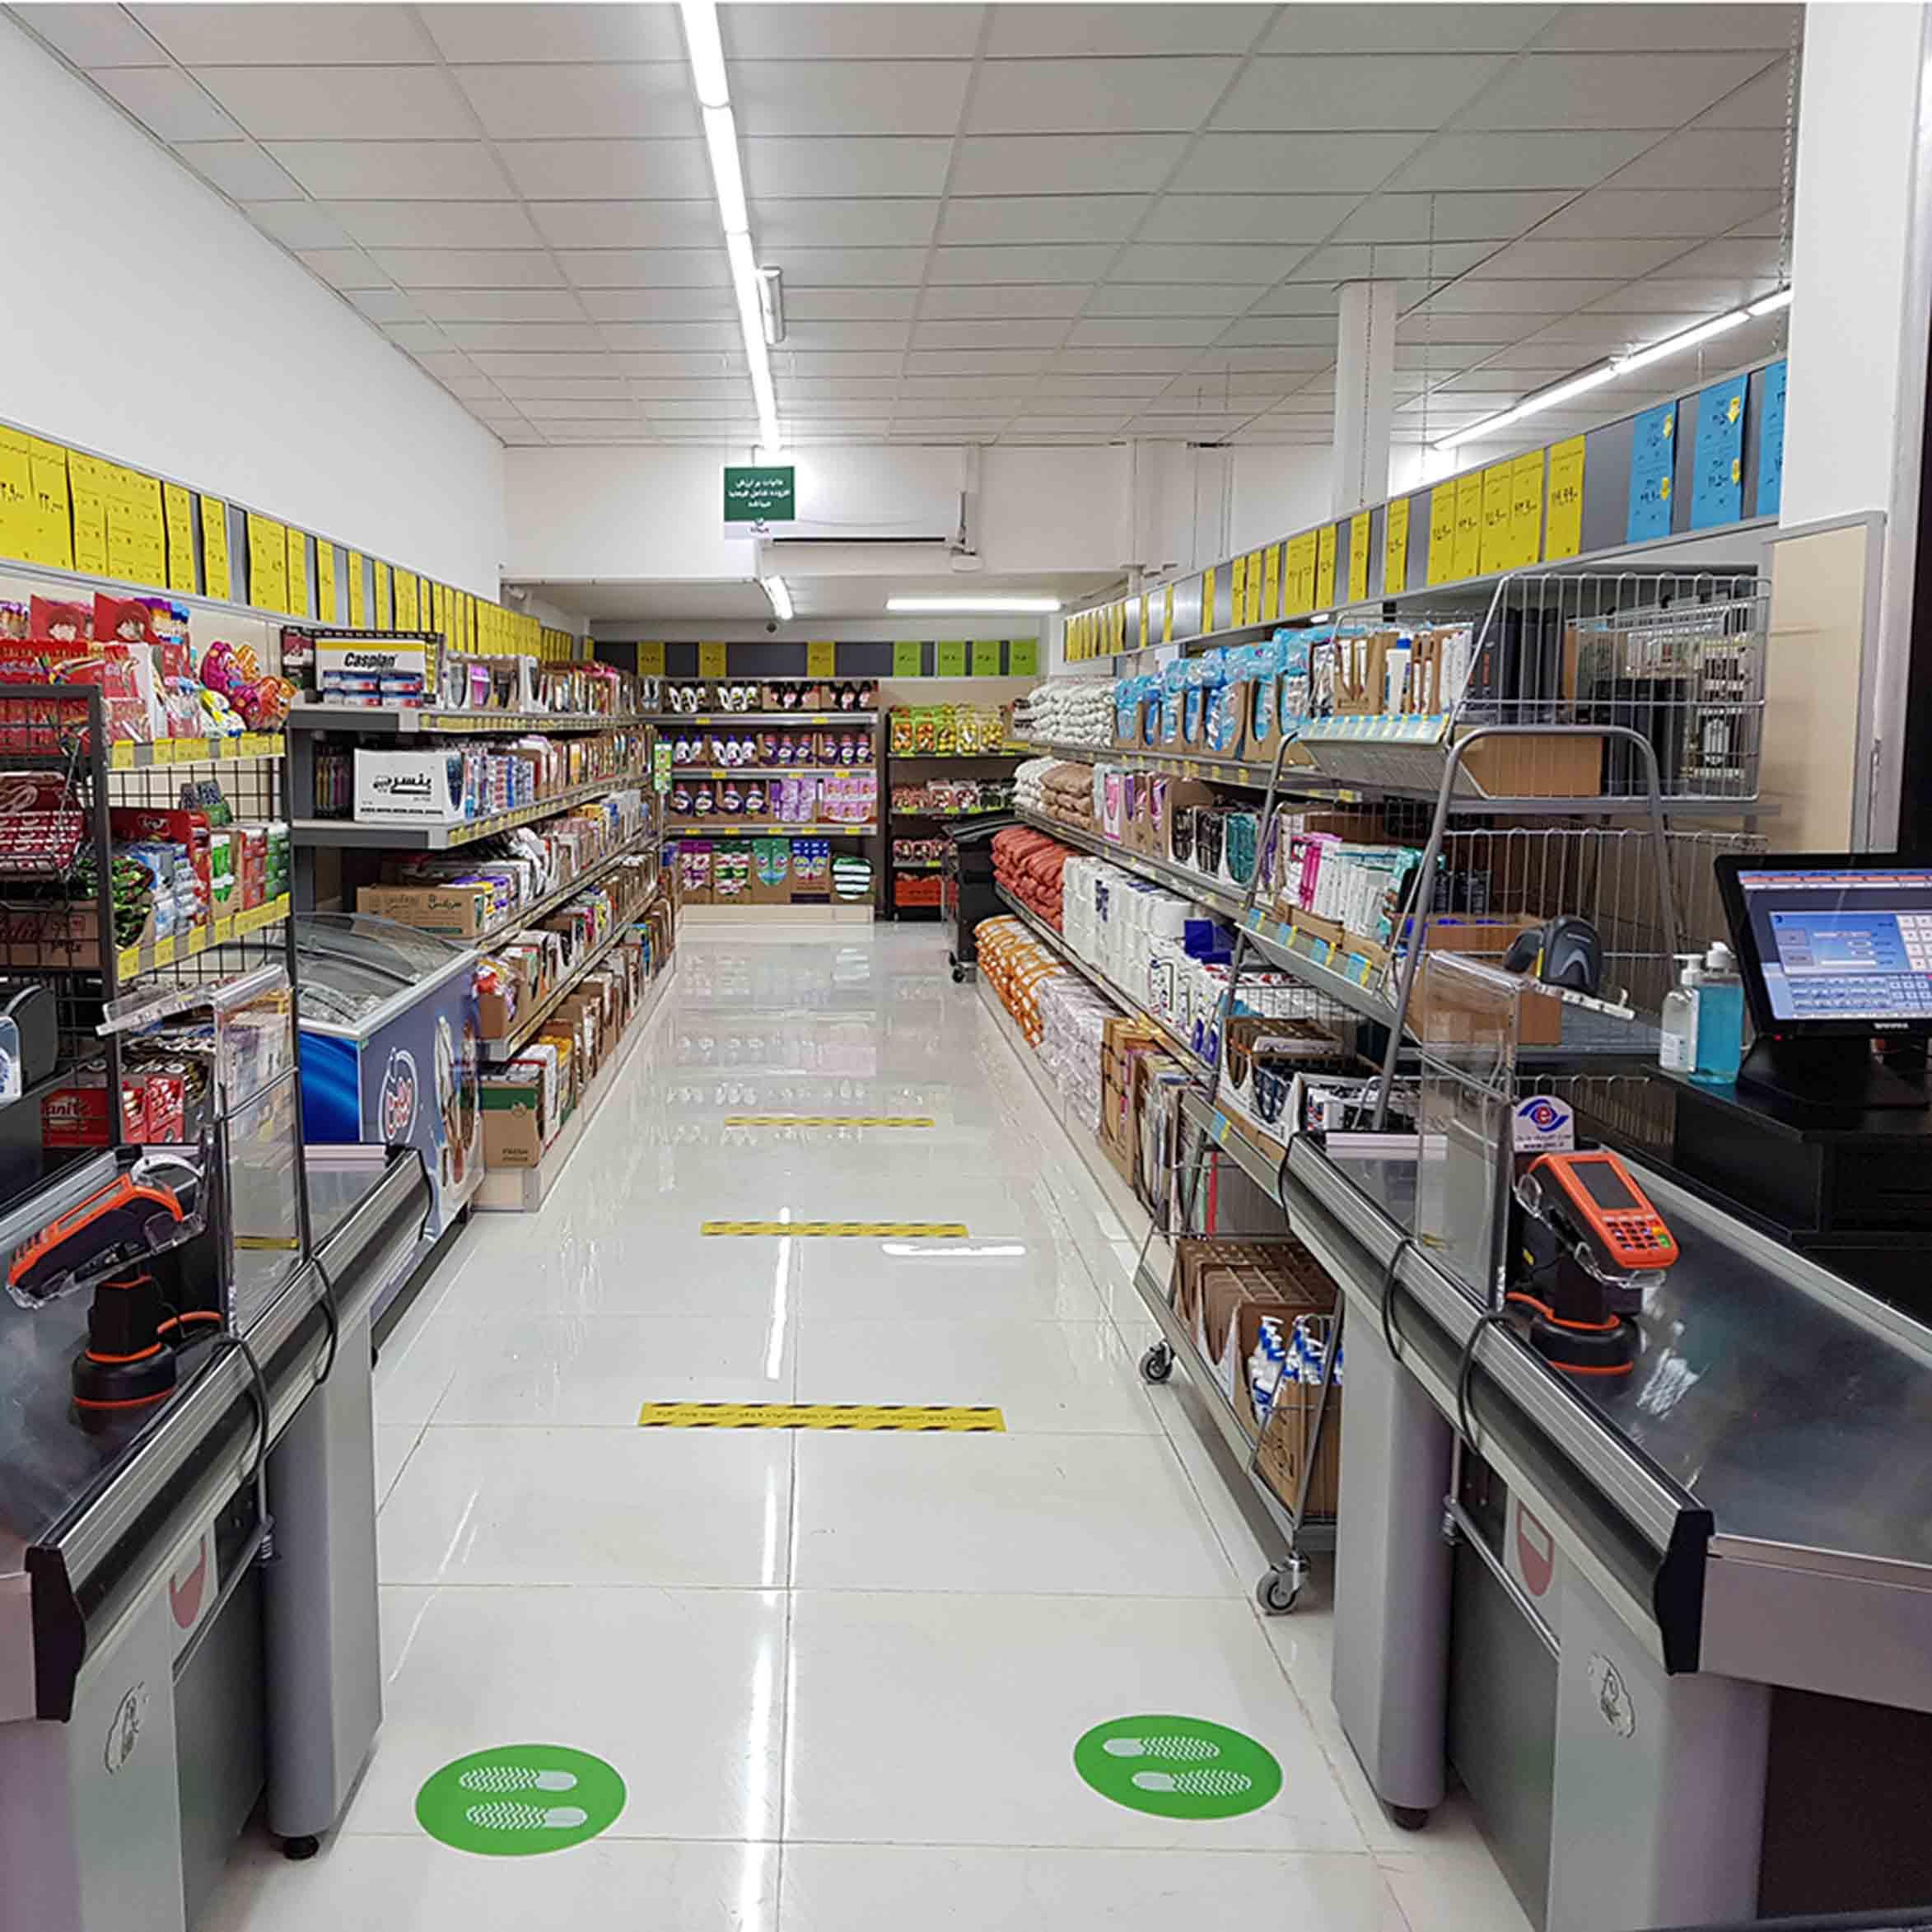 فروشگاه های زنجیره ای تخفیفی ویوان در هاشم آباد افتتاح گردید